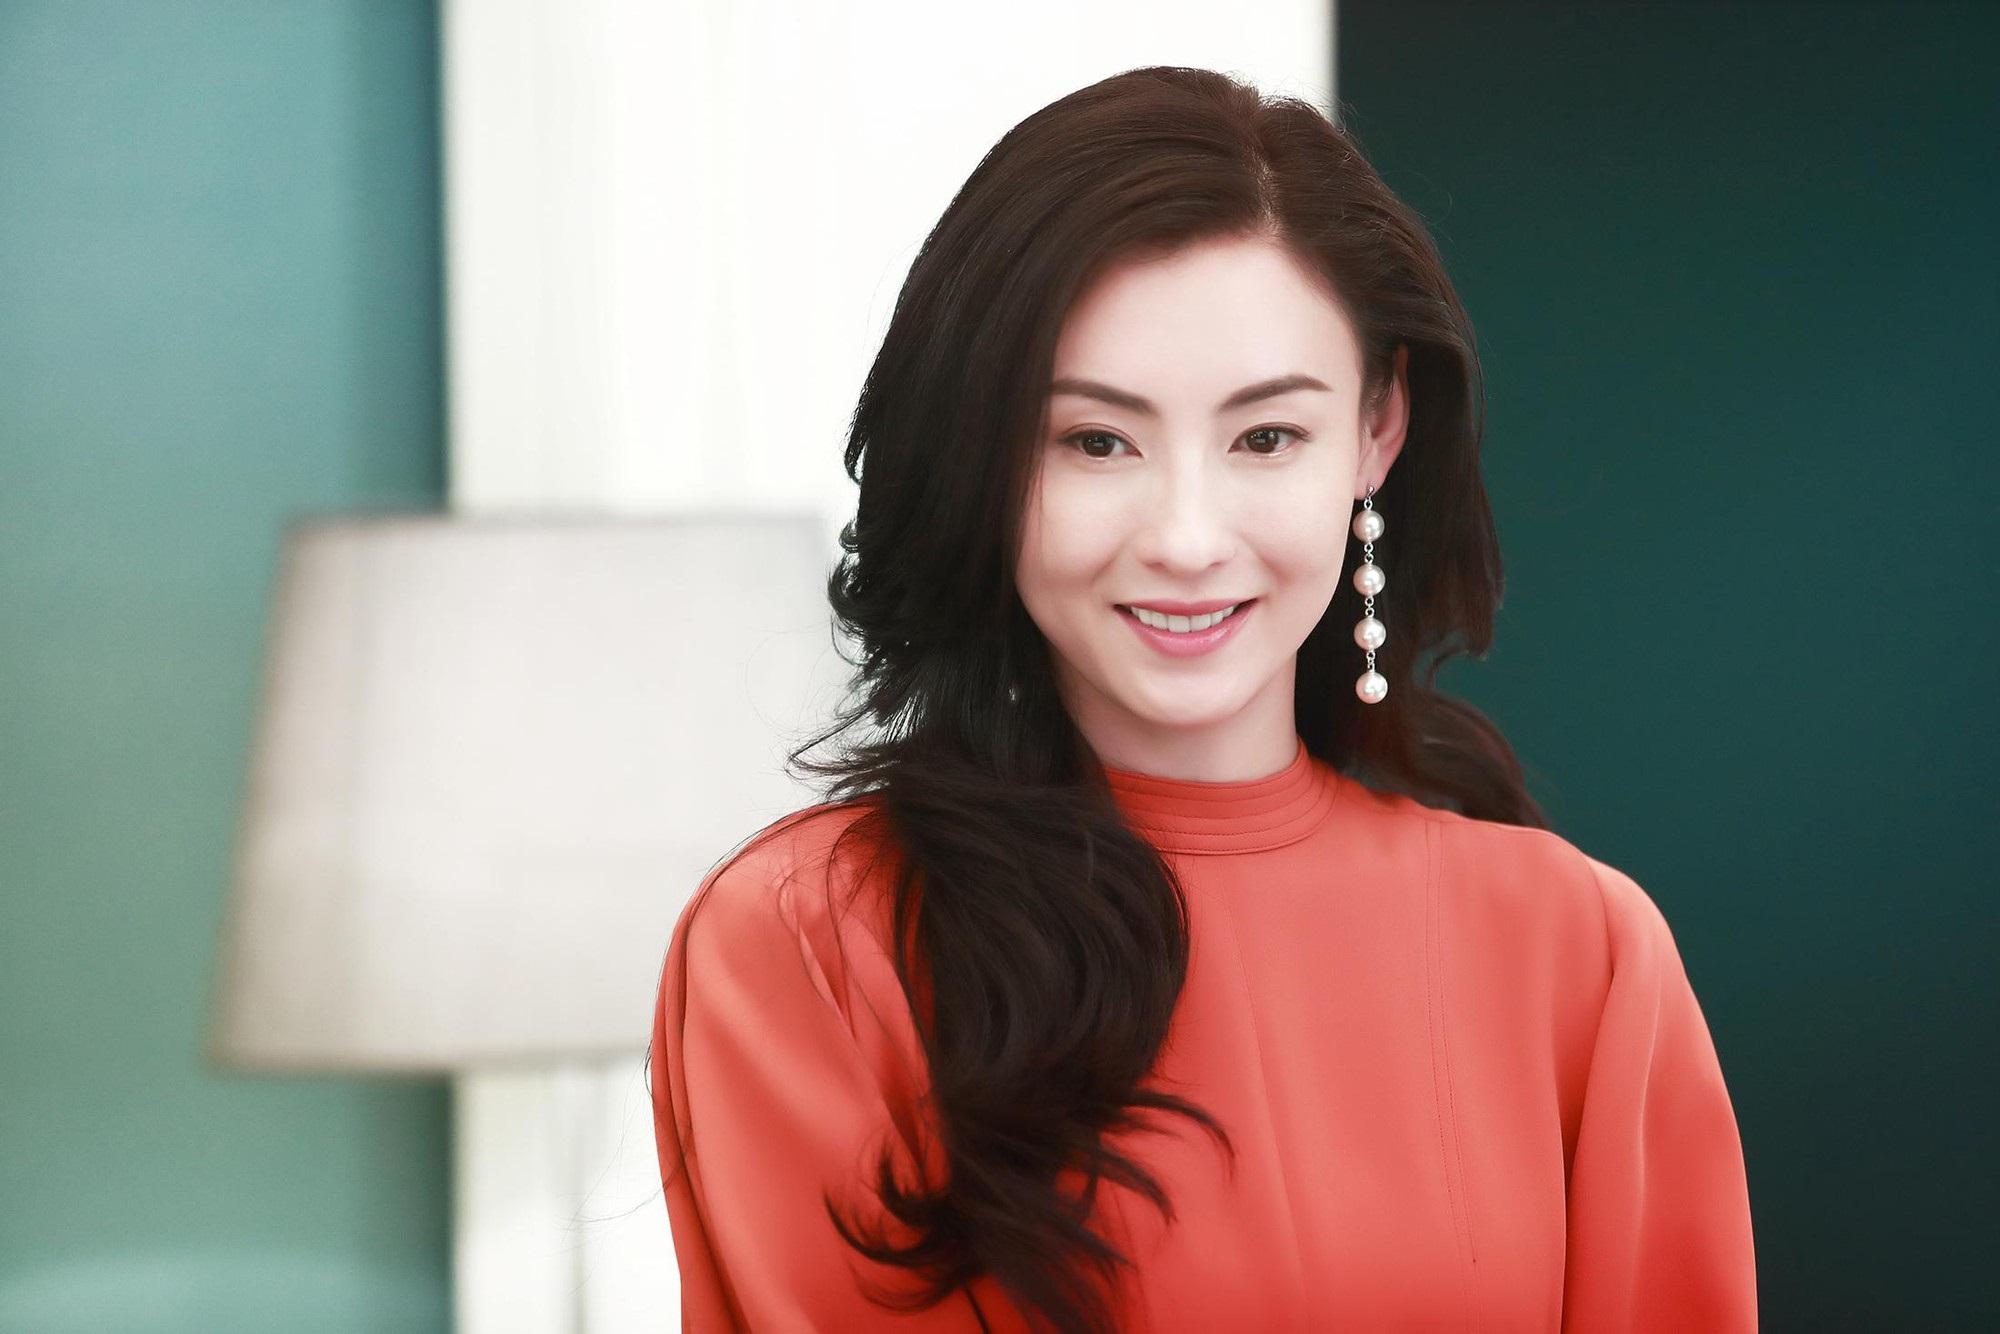 Thực hư loạt ảnh Trương Bá Chi lộ bụng bầu đi du lịch cùng 'người tình bí mật' bị rò rỉ trên mạng - Ảnh 1